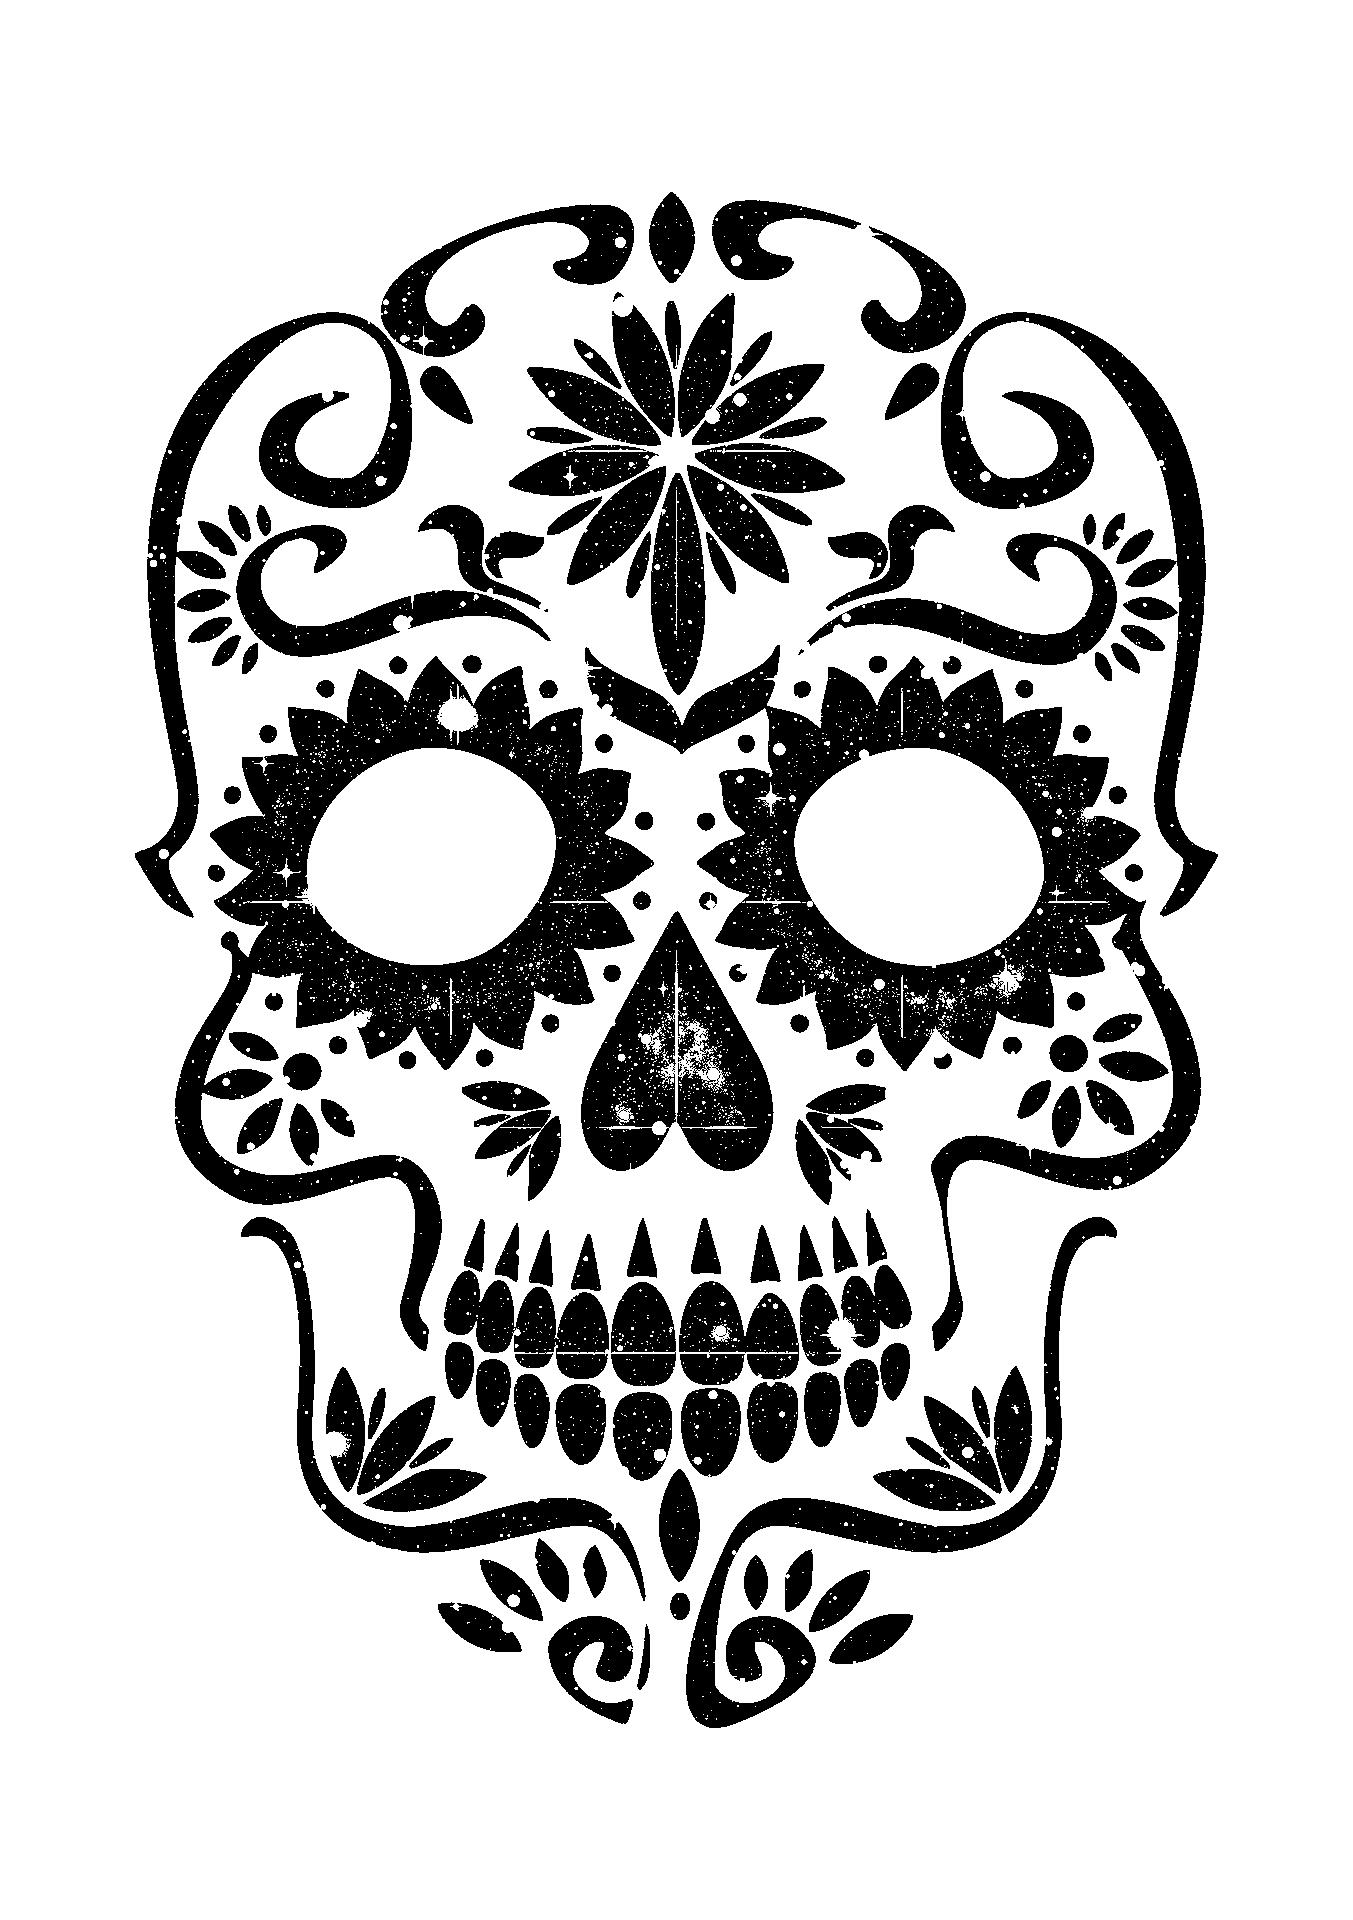 pumpkin template sugar skull  Sugar Skull Pumpkin Tutorial - Arts & Crafts Ideas